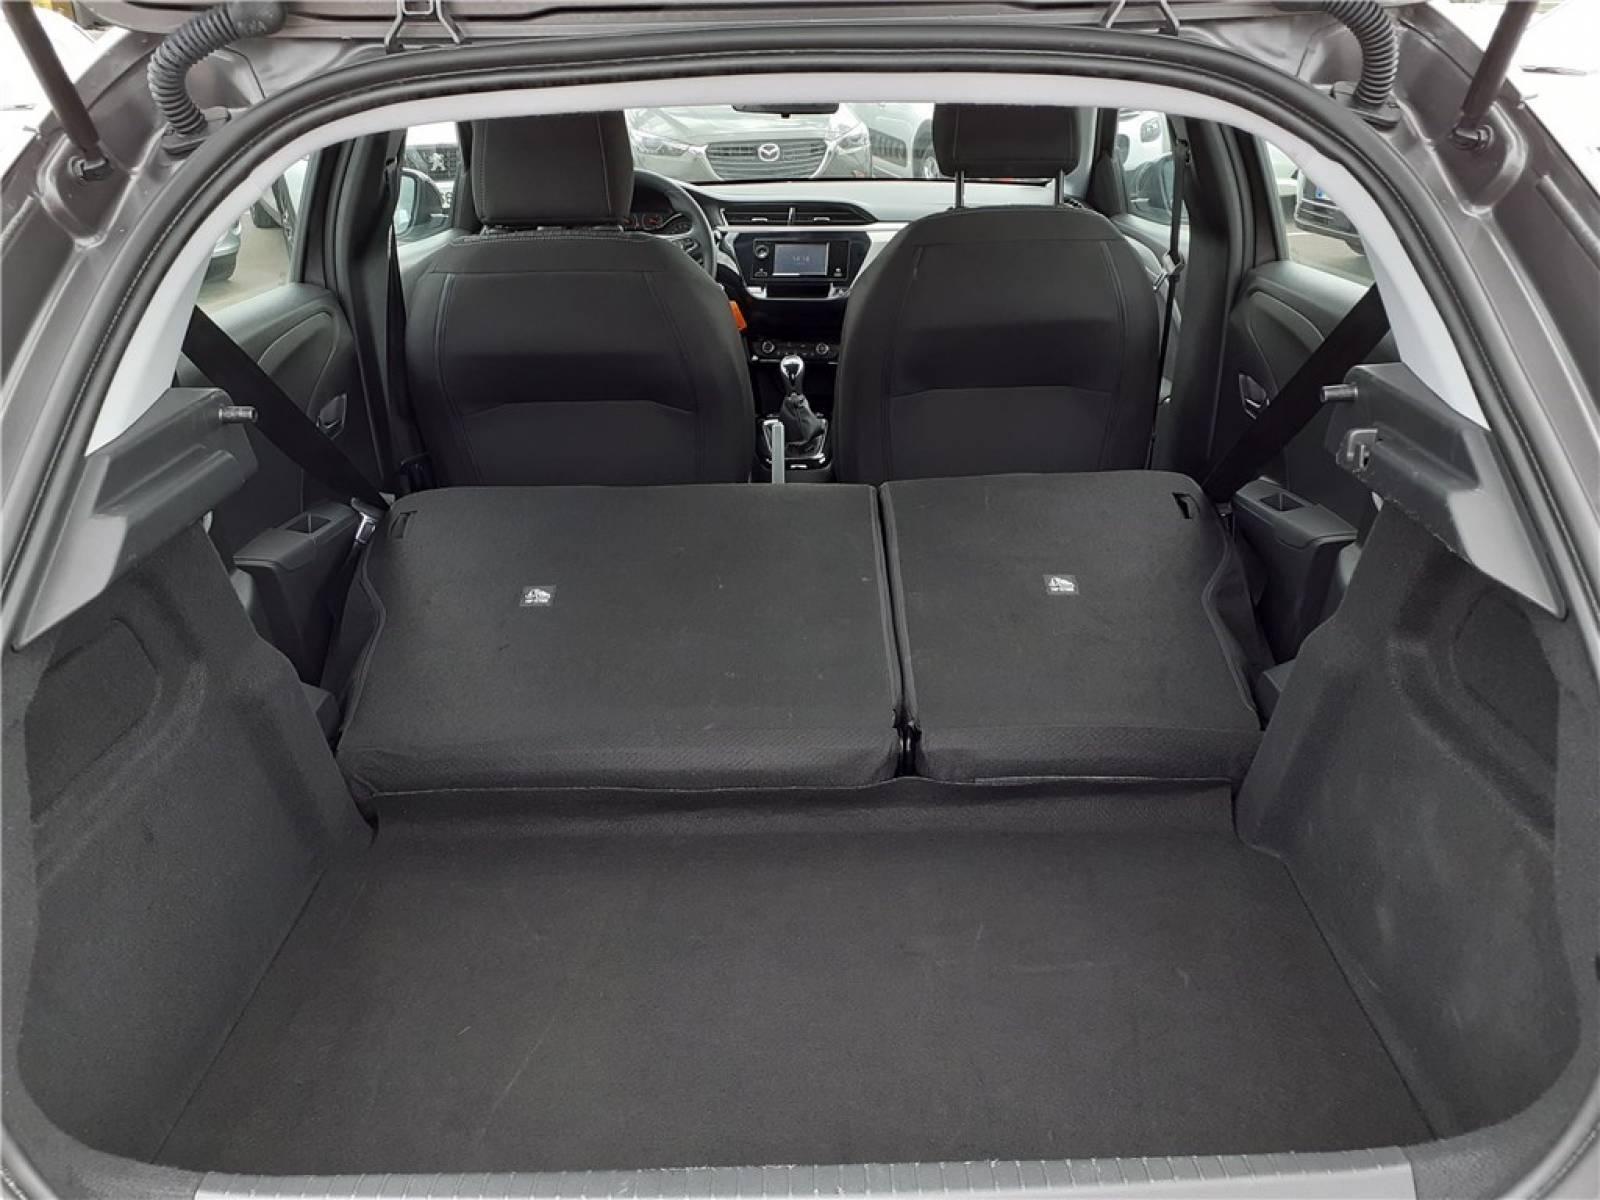 OPEL Corsa 1.2 75 ch BVM5 - véhicule d'occasion - Groupe Guillet - Opel Magicauto - Chalon-sur-Saône - 71380 - Saint-Marcel - 10